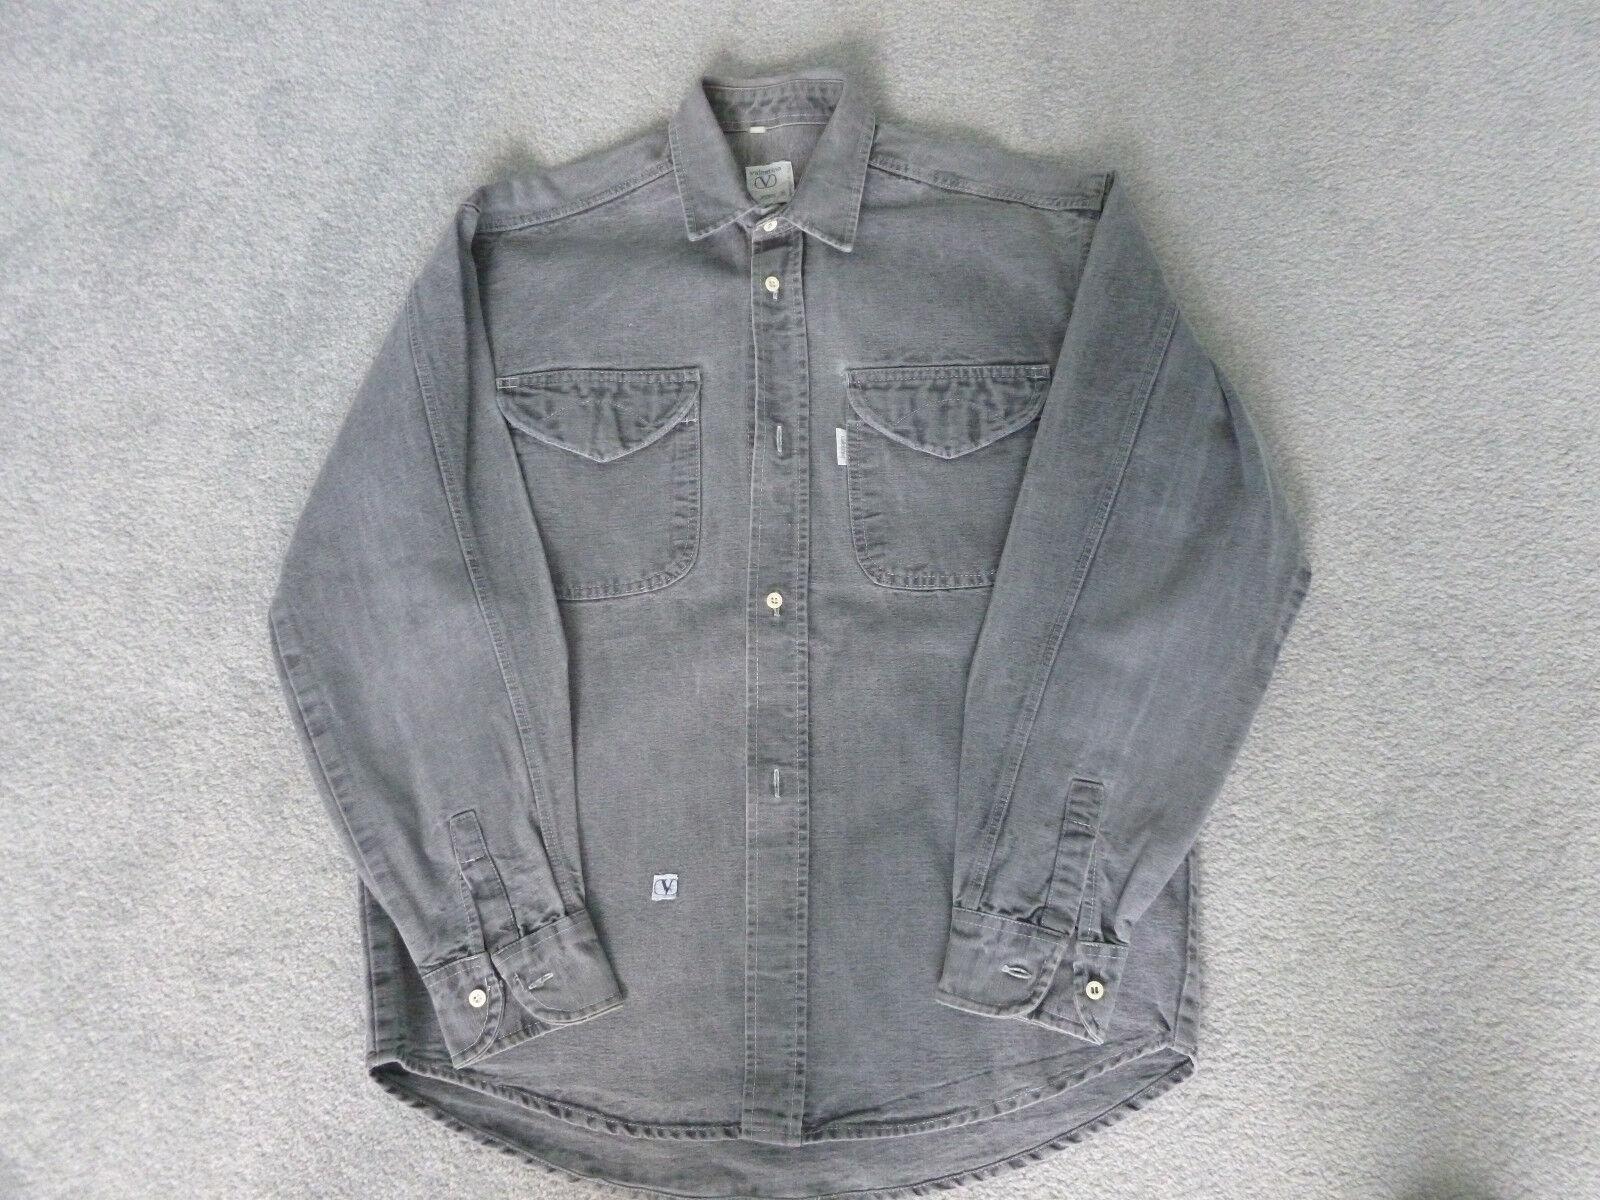 Valentino Gris Jeans Heavy Denim Gris Valentino à Manches Longues Chemise Décontractée 743265